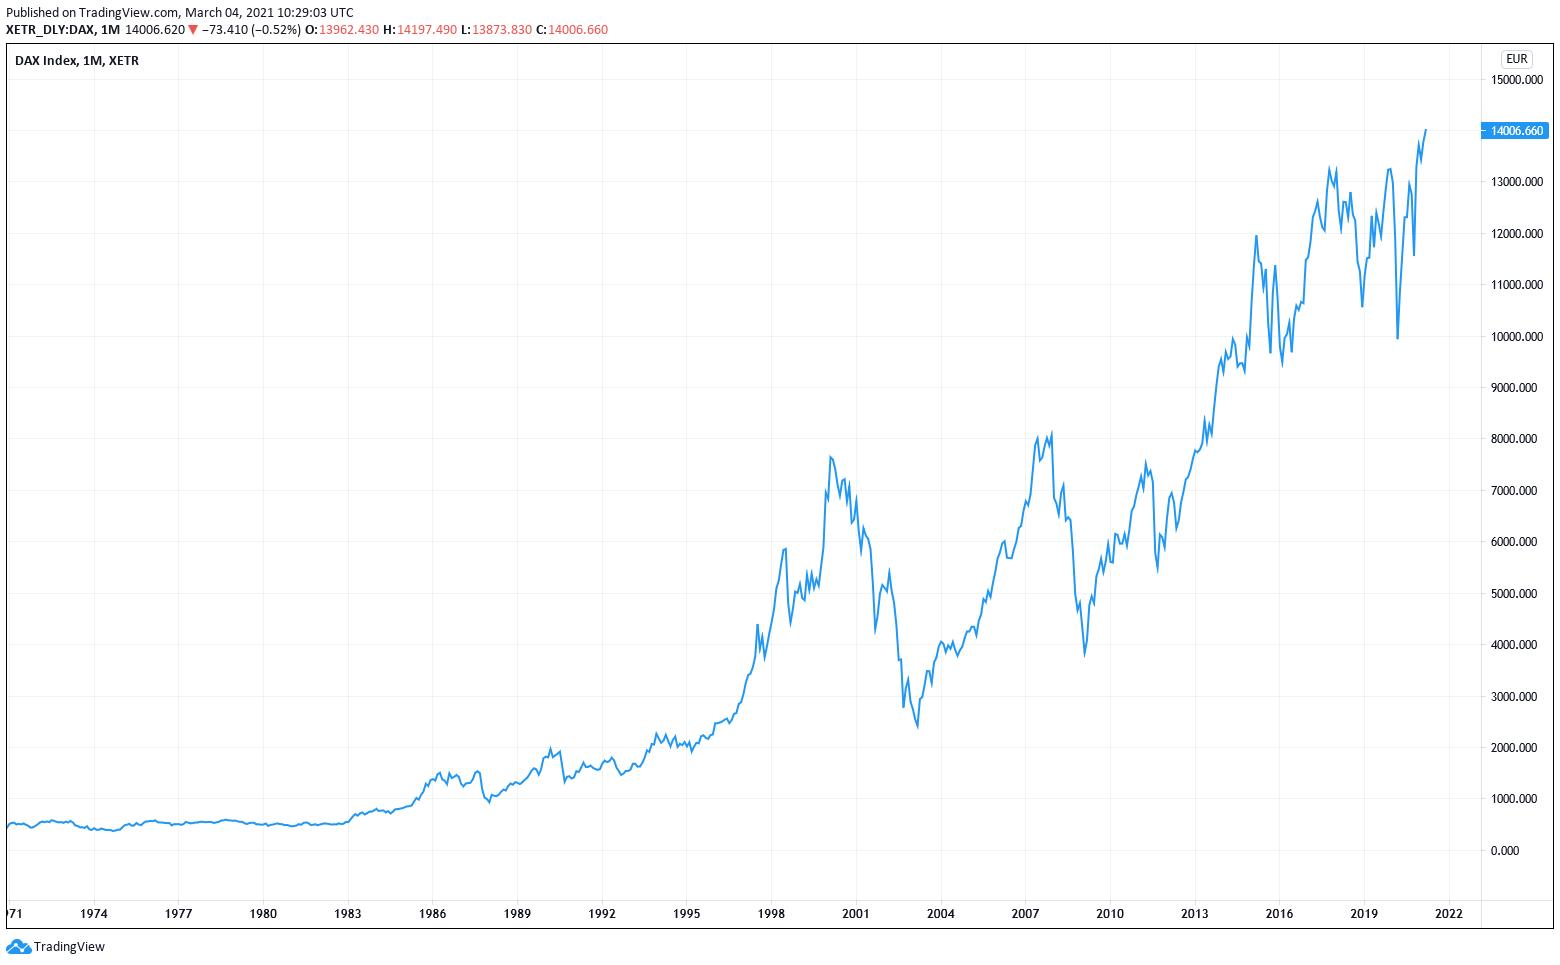 DAX Entwicklung in den letzten 50 Jahren